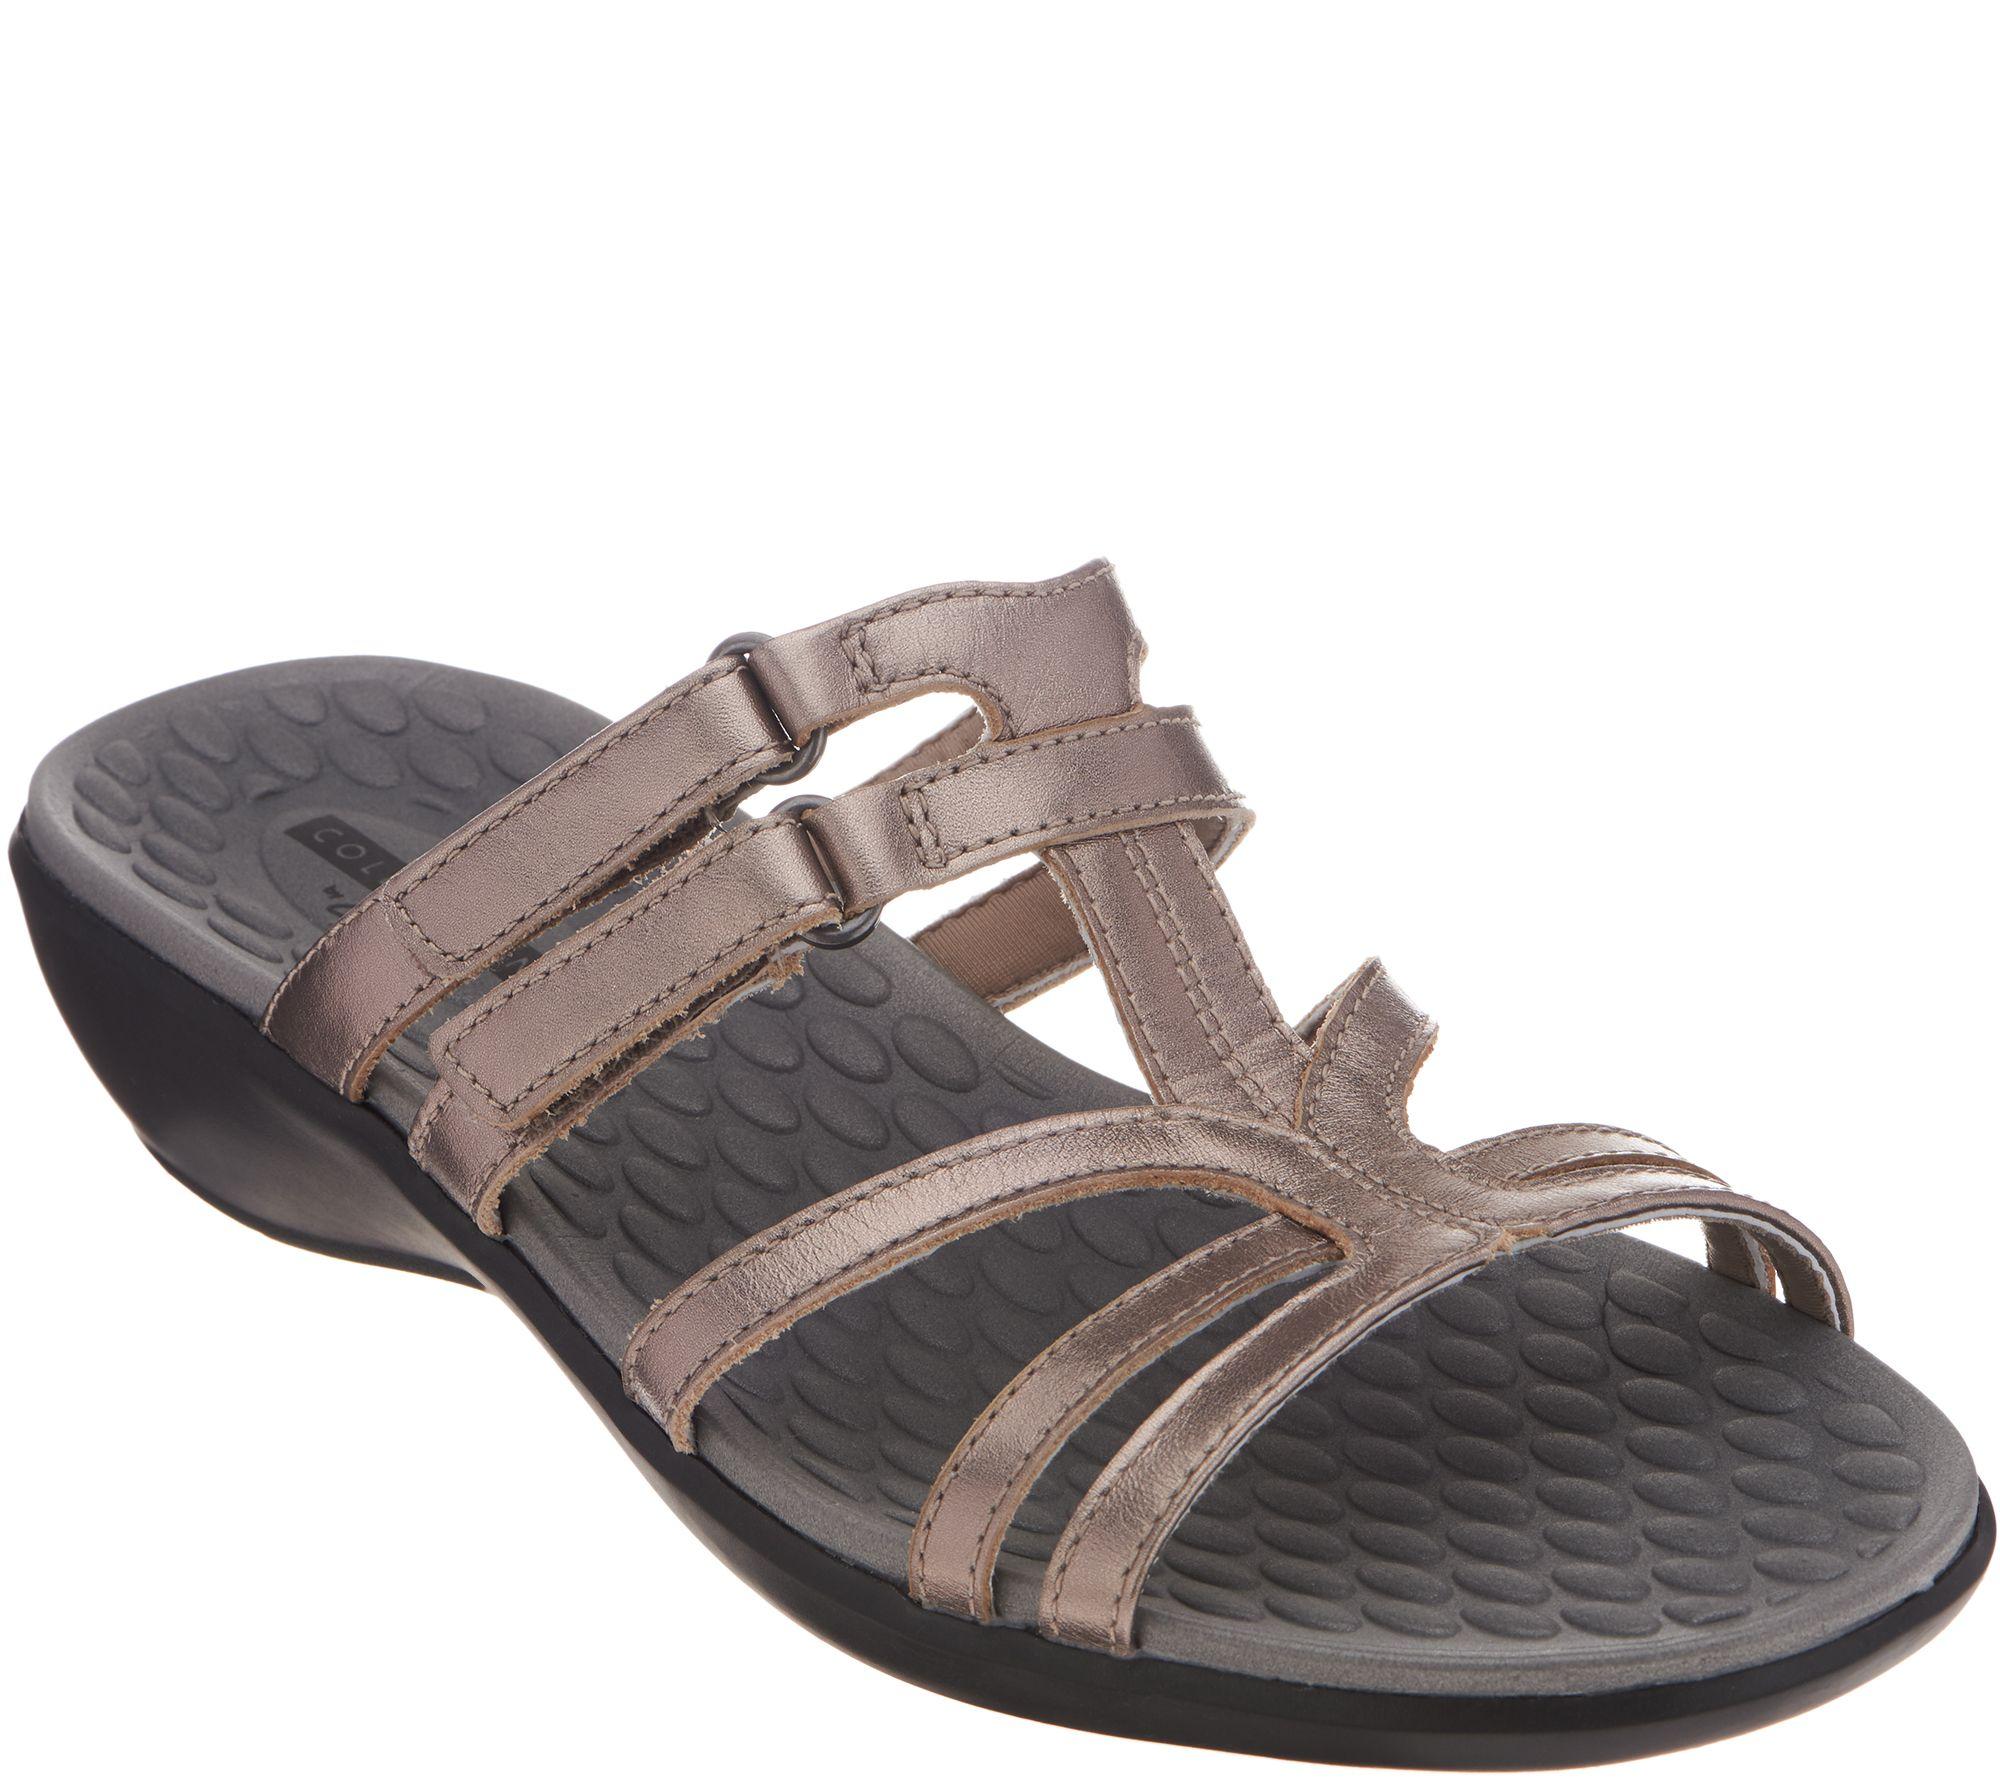 d54b17058921 Clarks Leather Adjustable Slide Sandals - Sonar Pilot - Page 1 — QVC.com